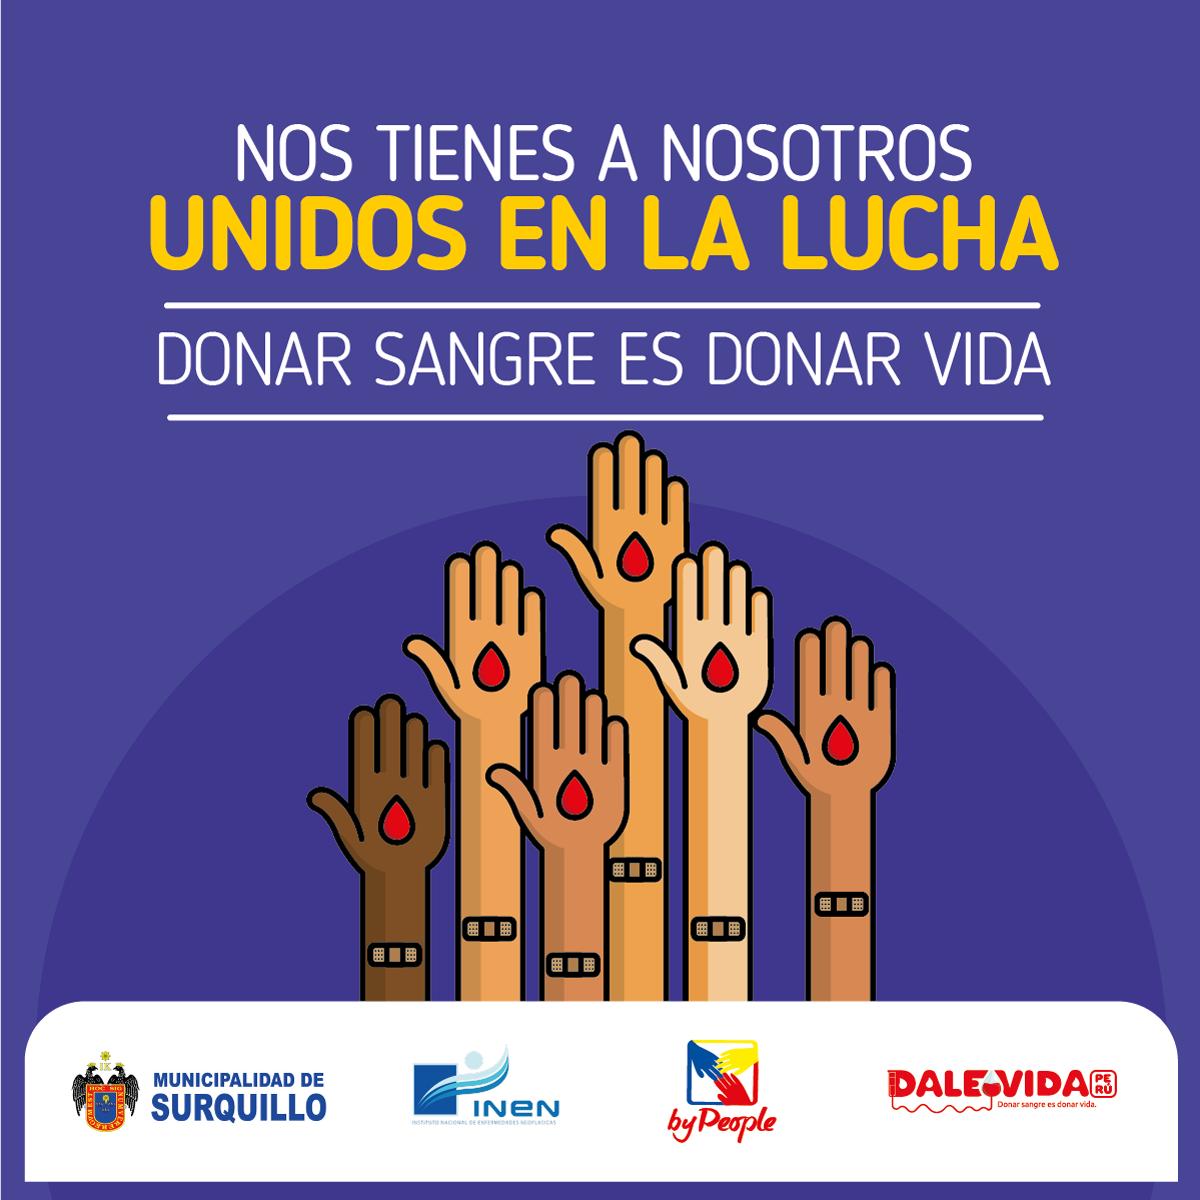 Dale Vida Surquillo 2019: 4/02/2019